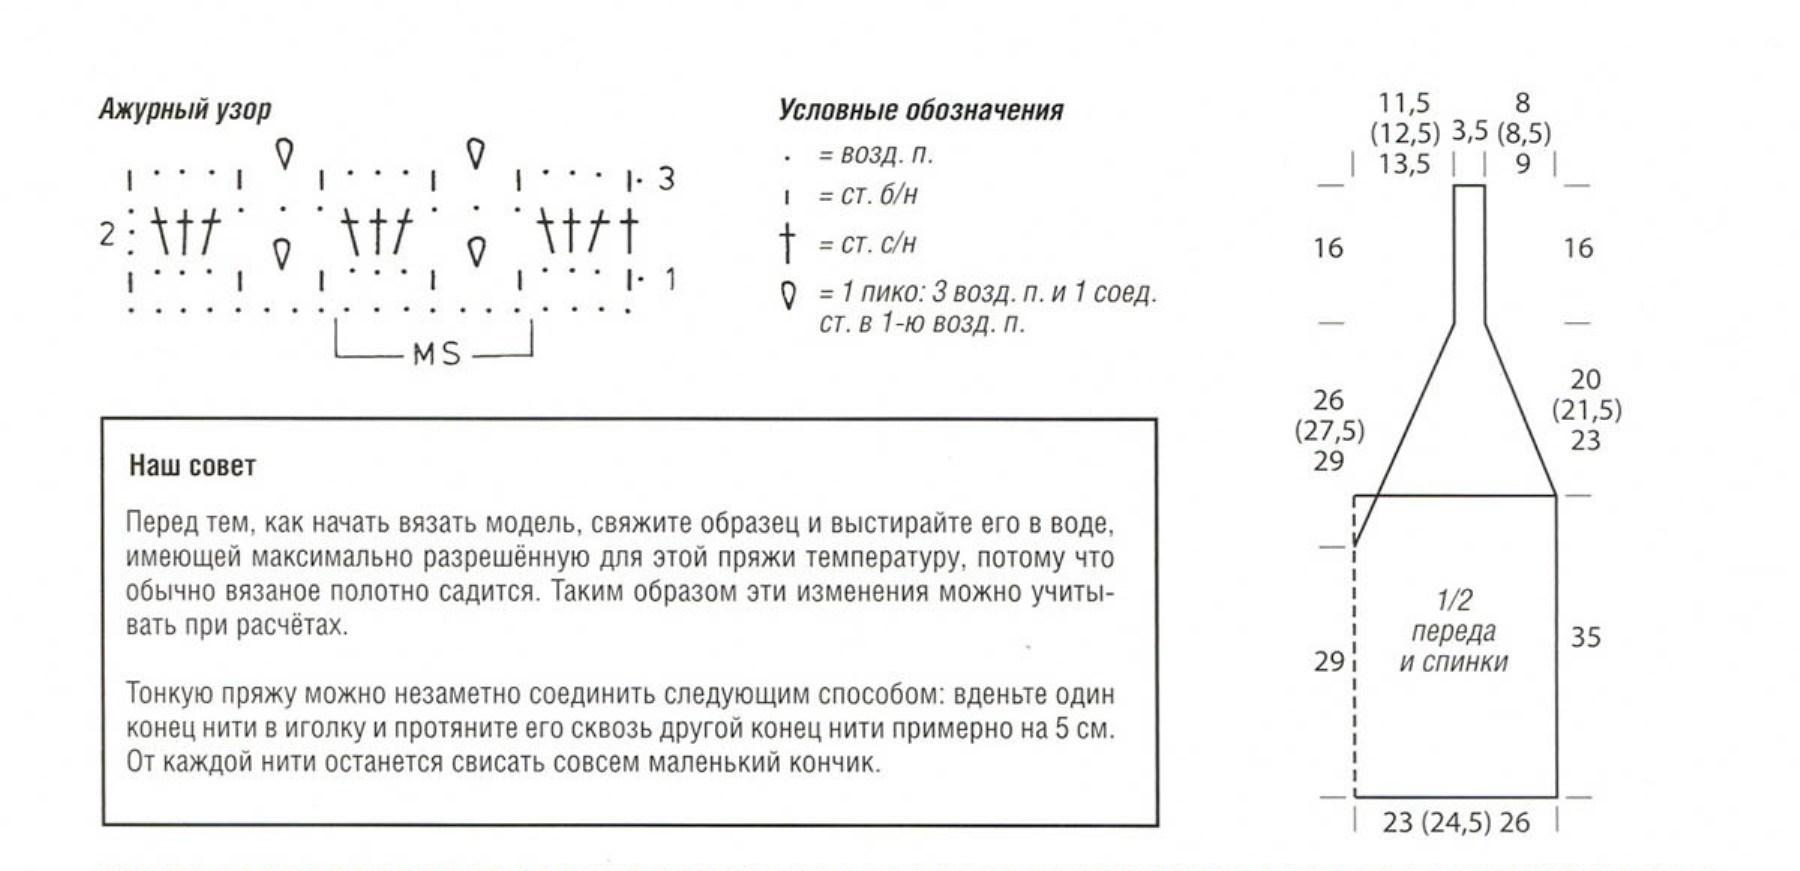 0592_МДсп.8.13 (10)b